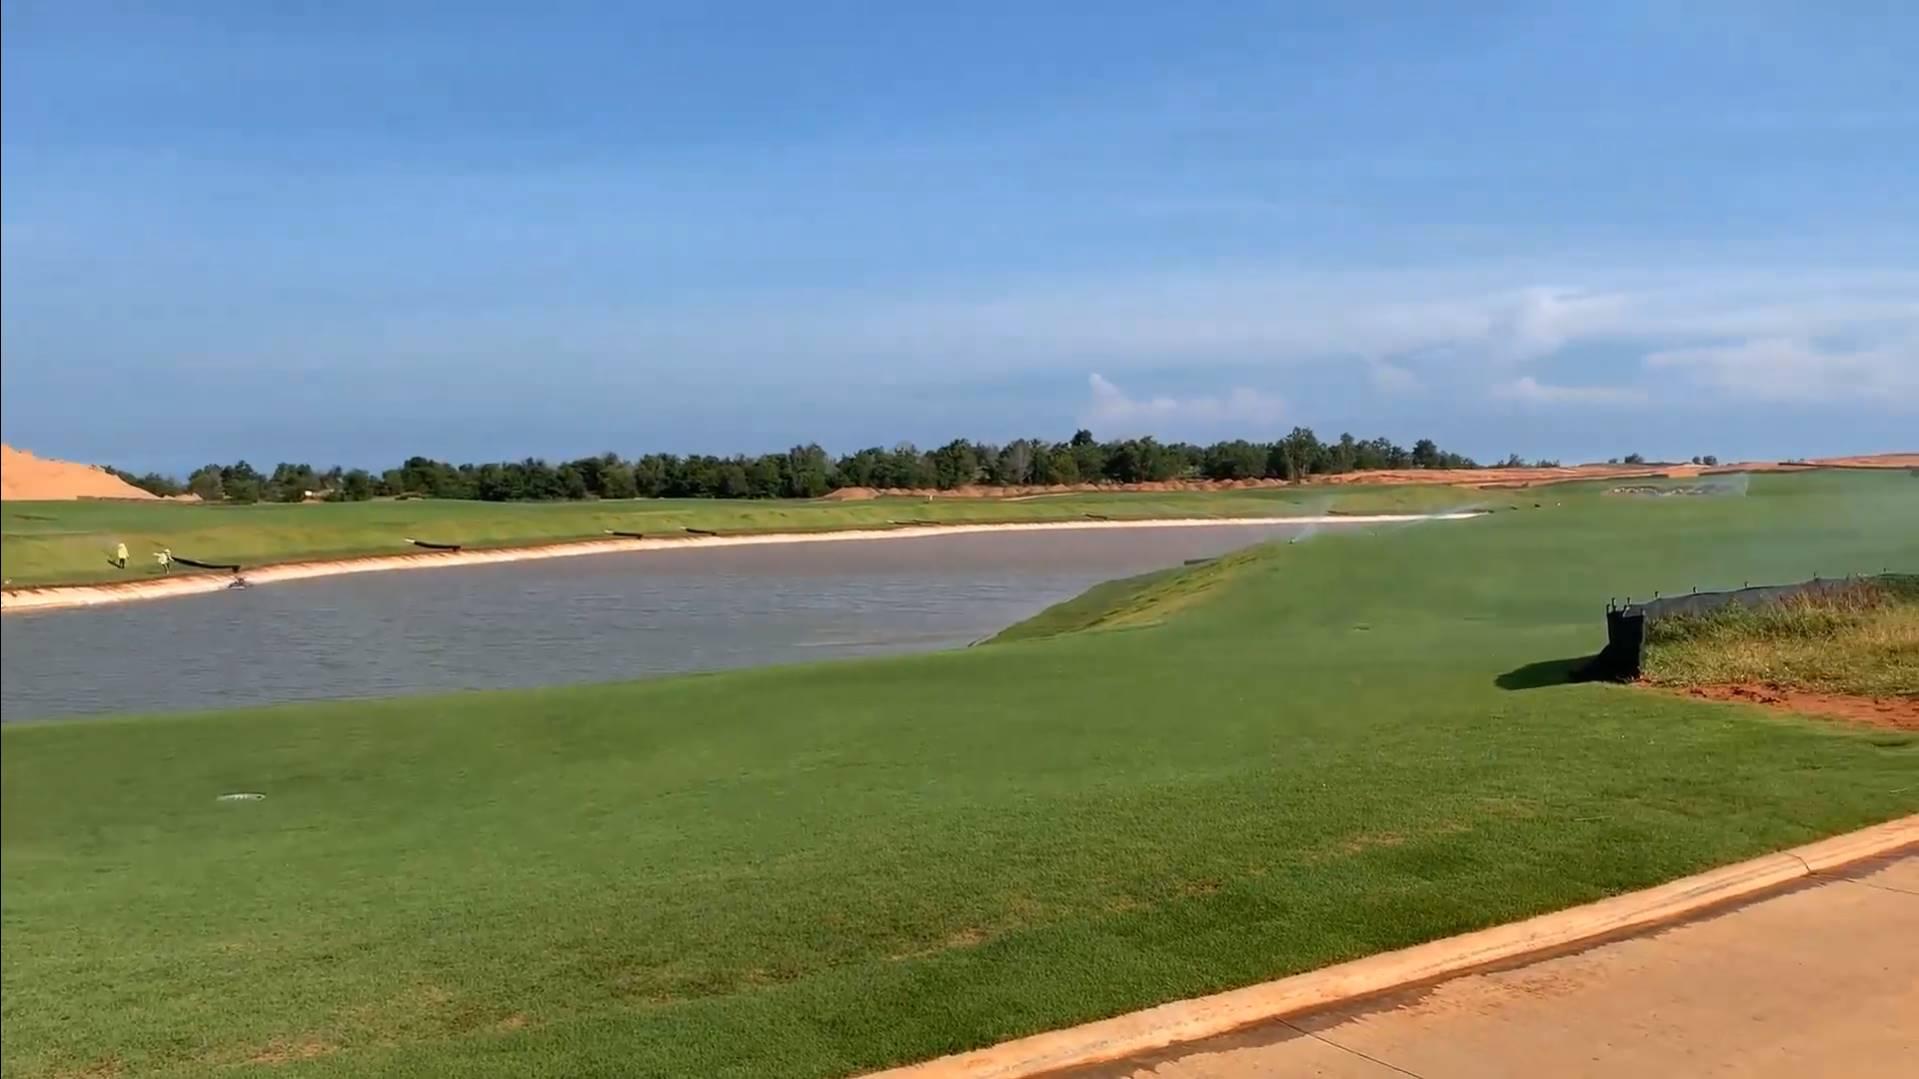 golf-ocean-novaoworld-phan-thiet-hoan-thanh-giai-doan-1